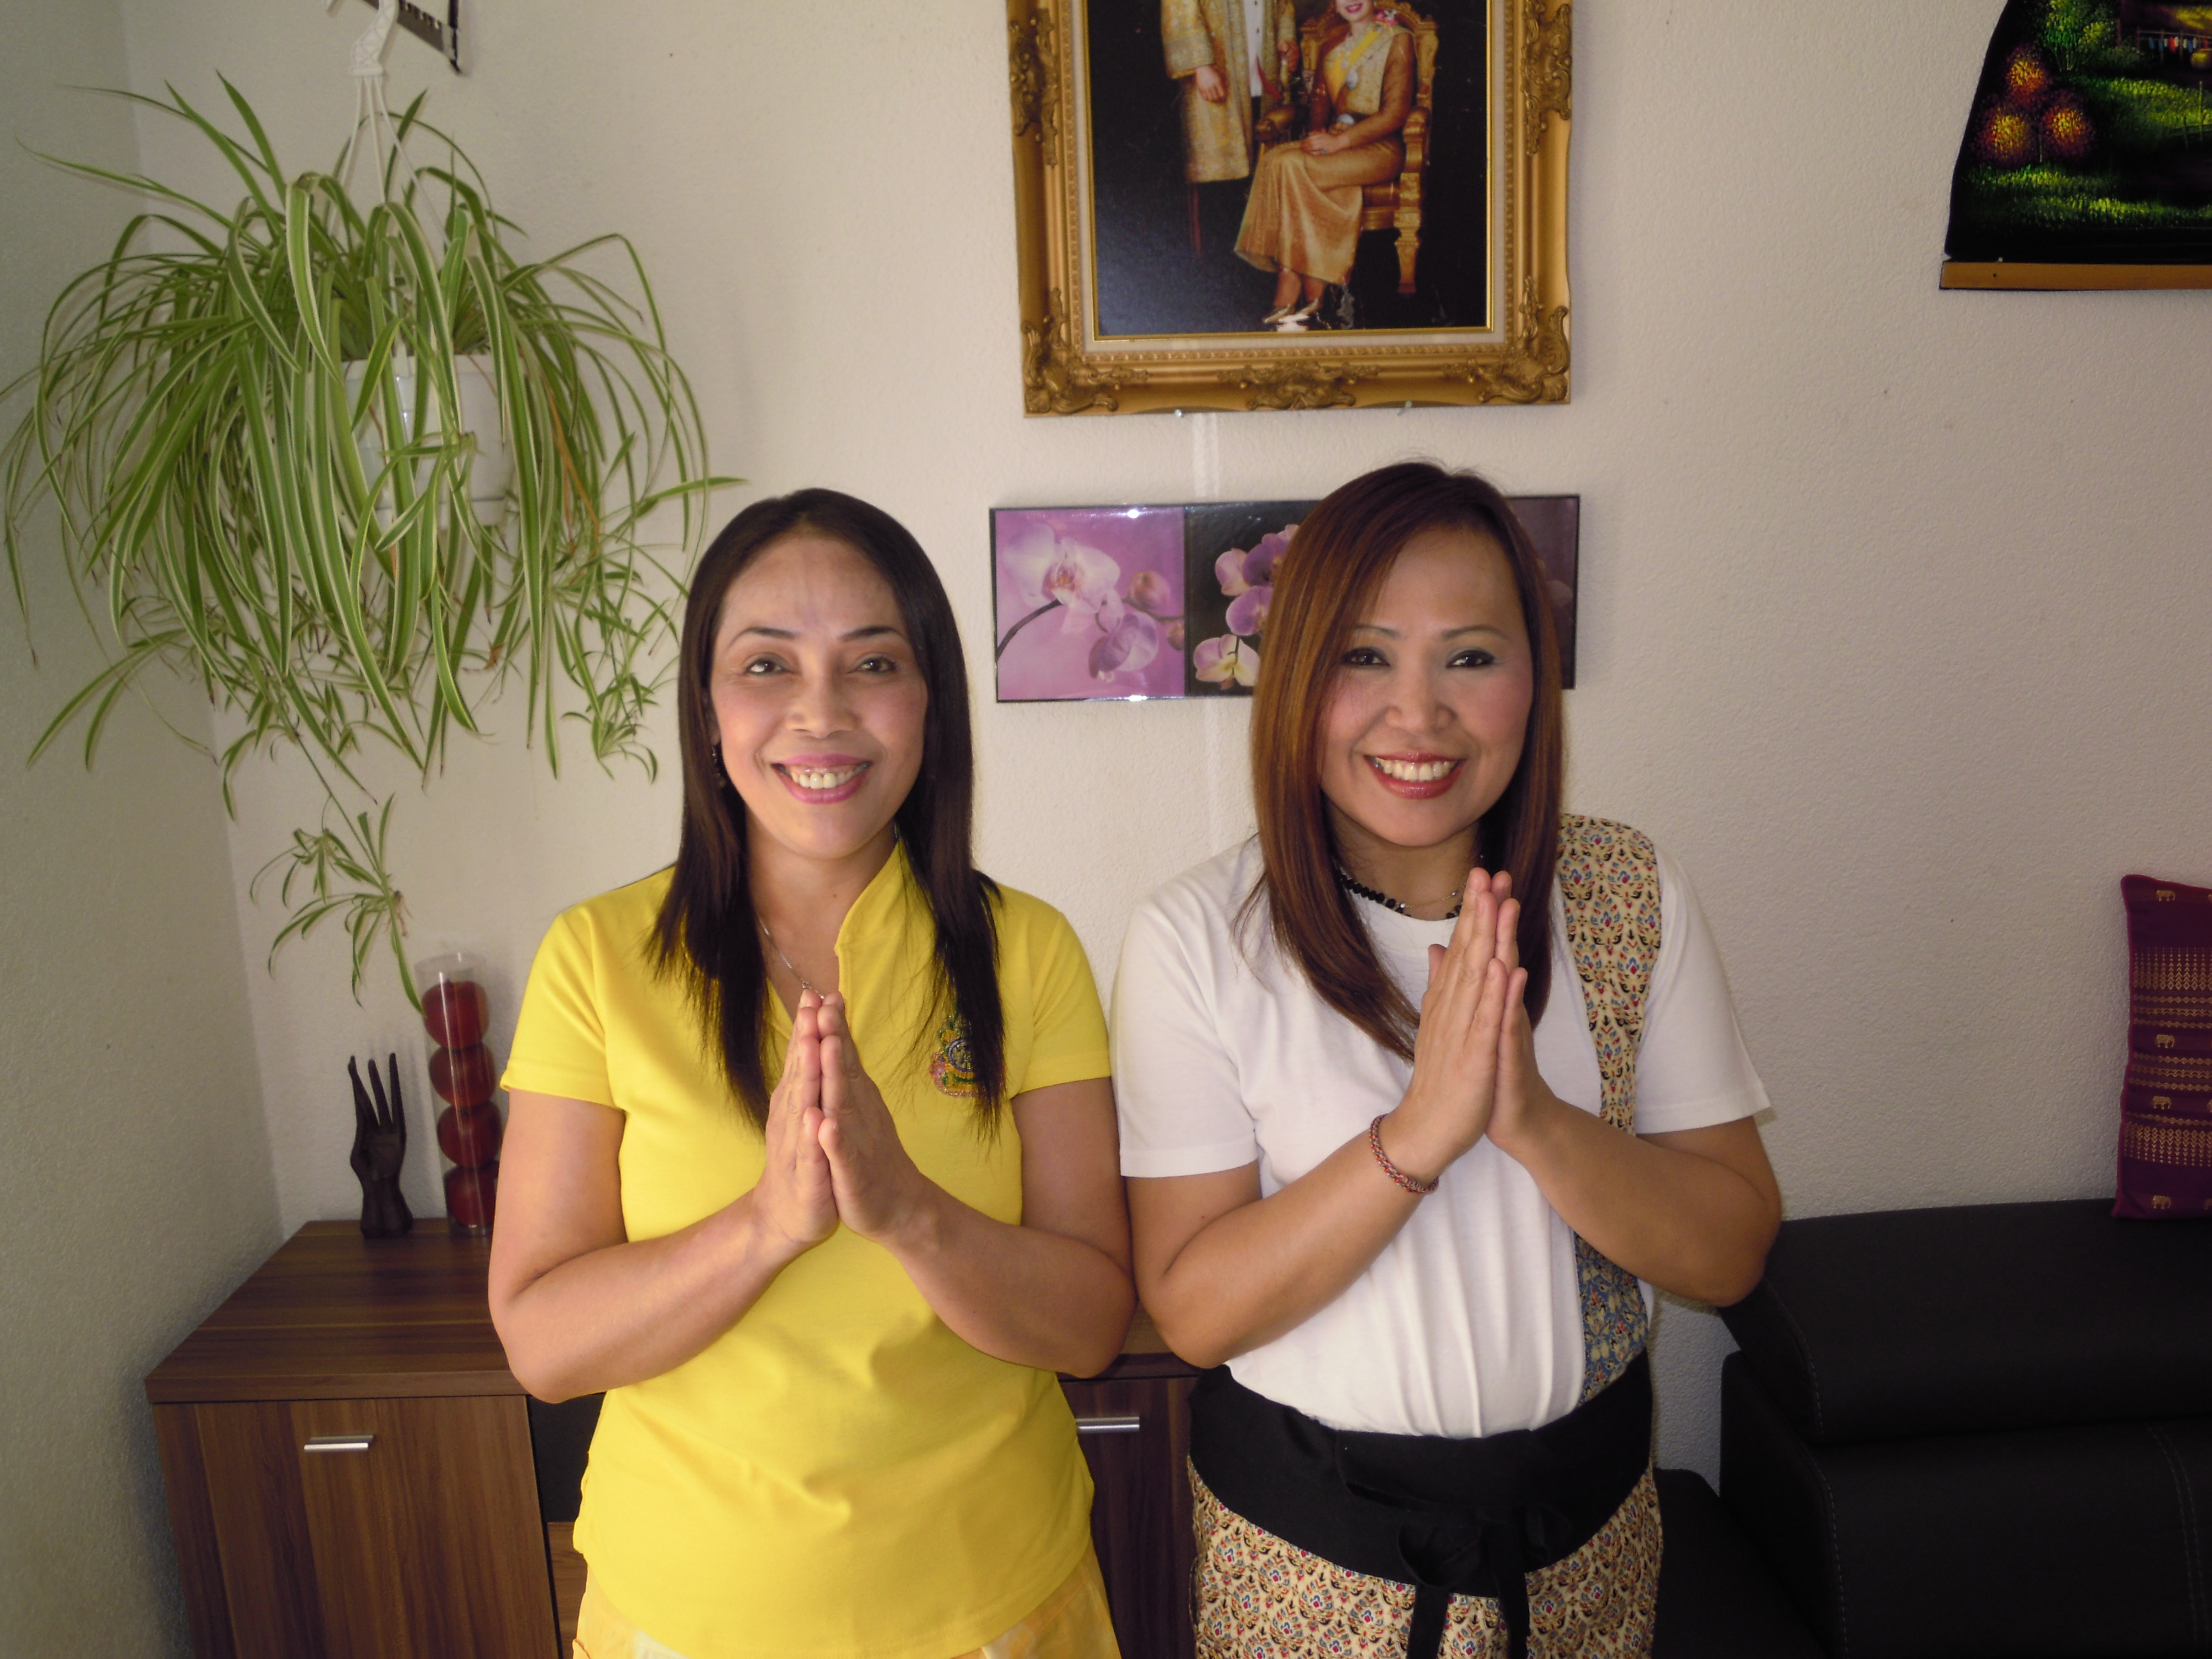 bangkok stockholm grattis porfilm